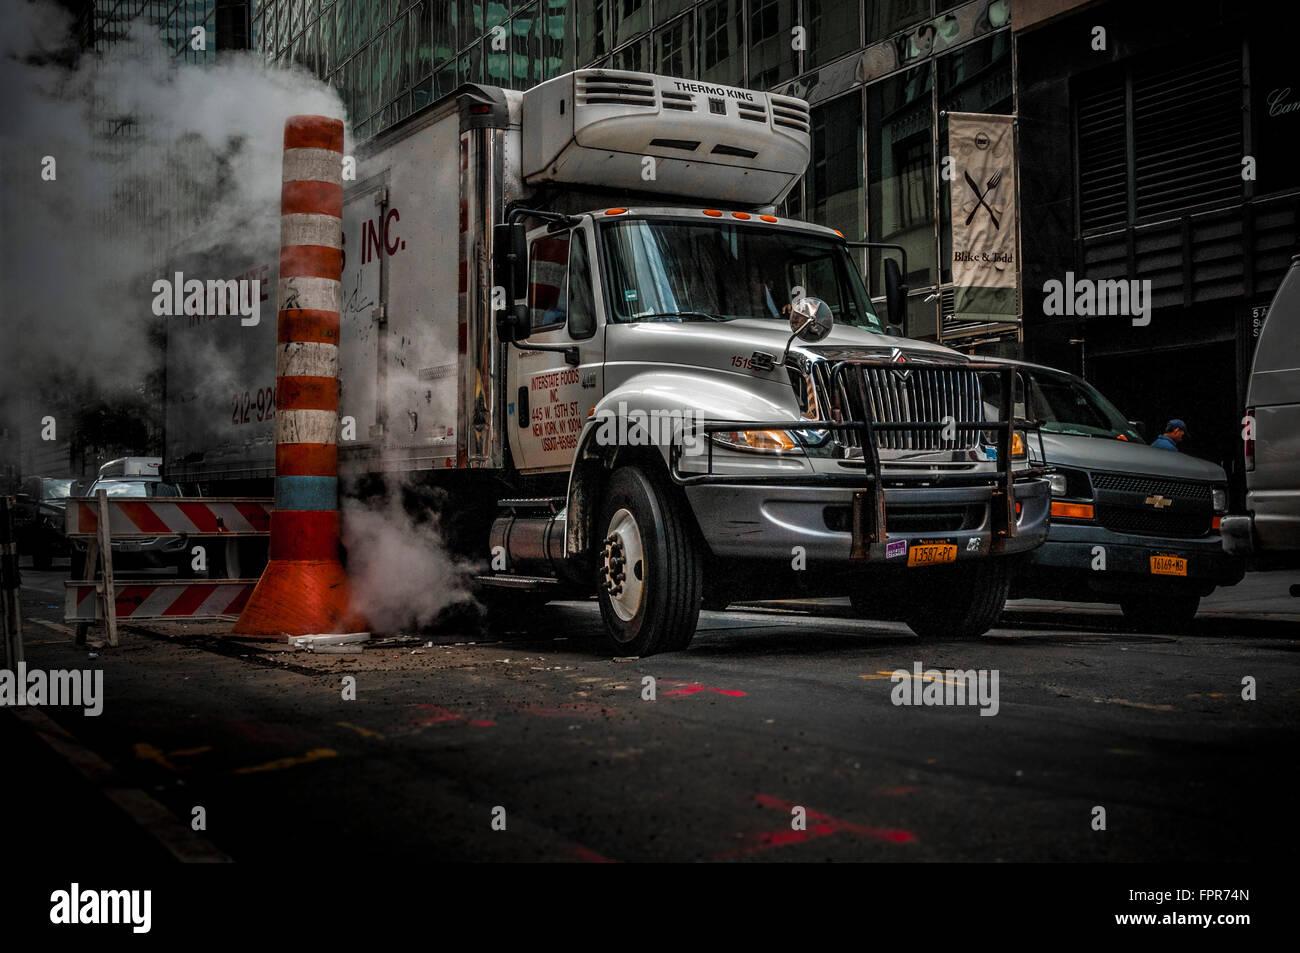 LKW und Dampf Dampf wird durch eine typische Con Edison Orange und weiße gelüftet stapeln, New York City, Stockbild